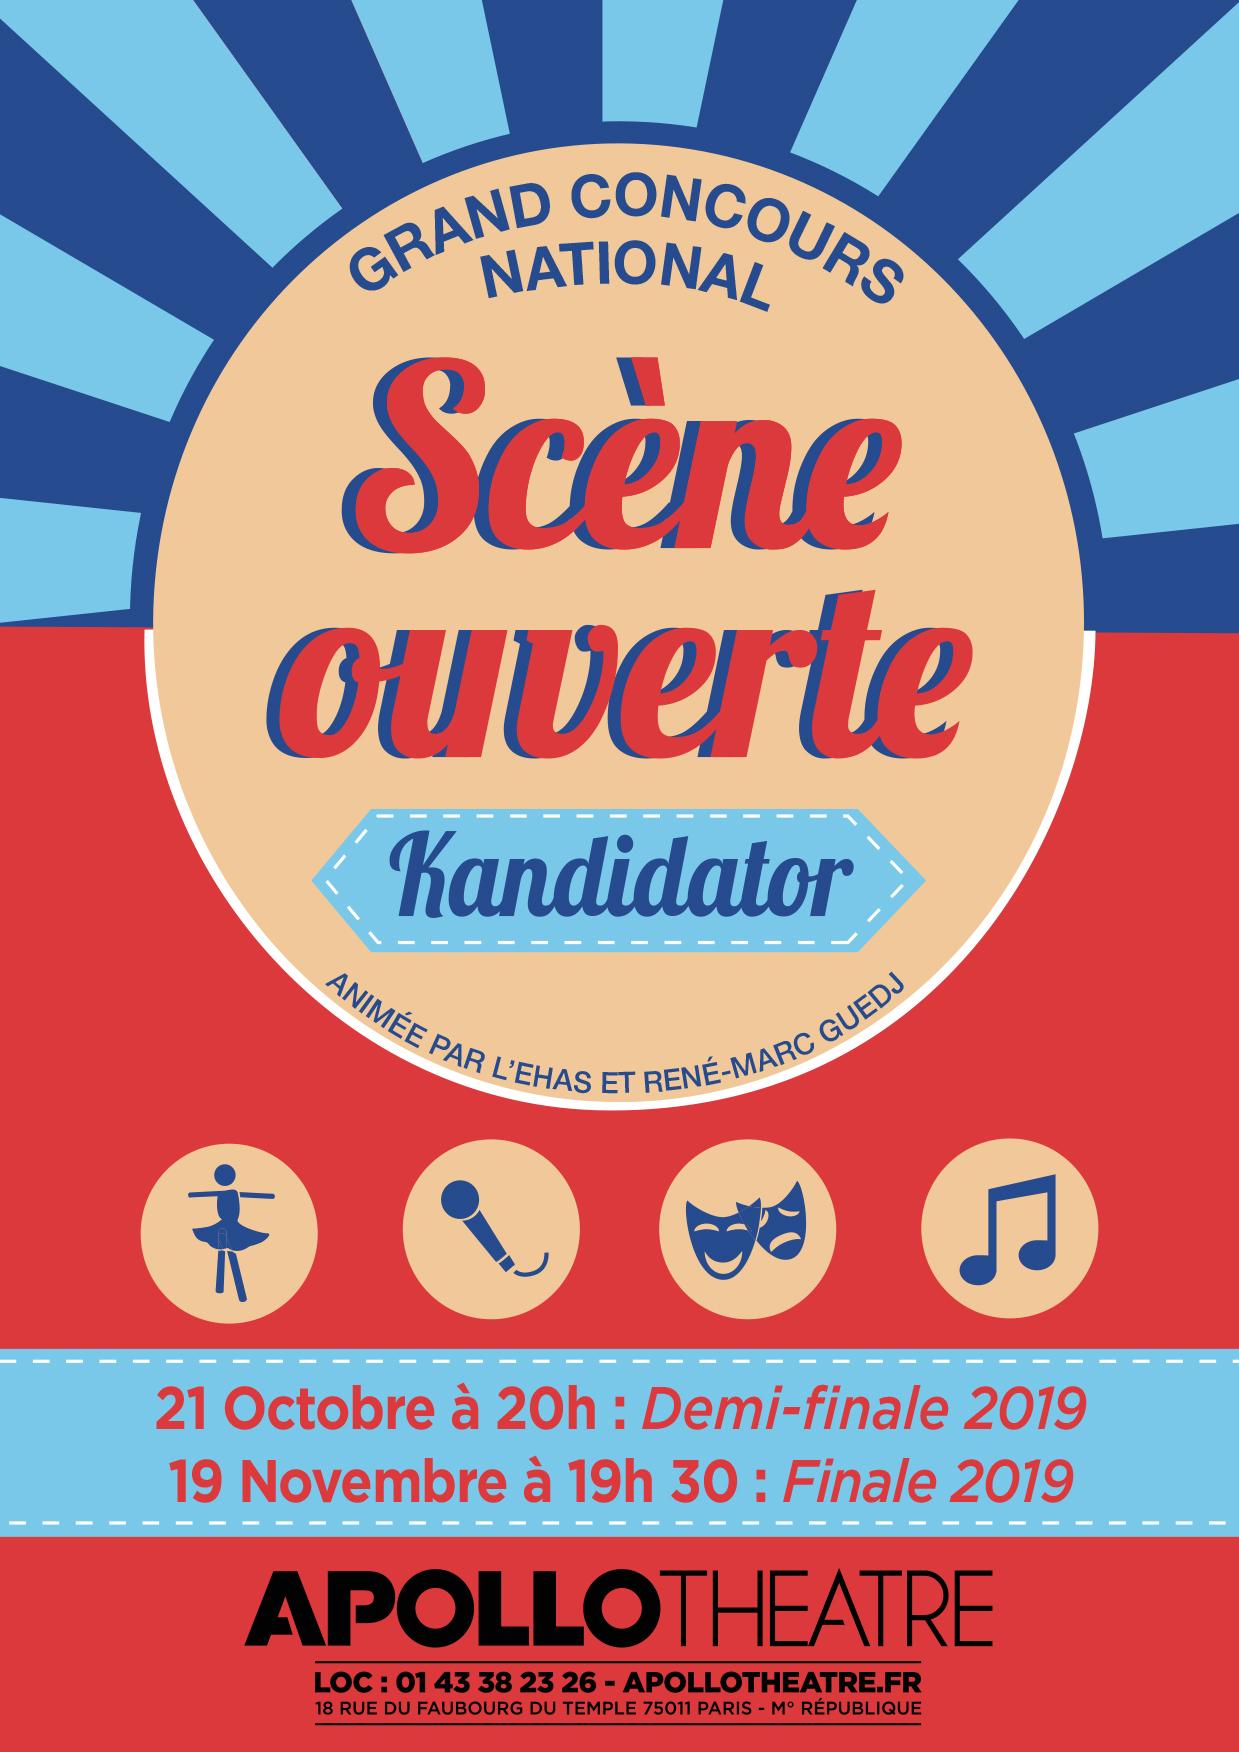 Demi-Finale Kandidator 2019, le 21 Octobre - Apollo Théâtre